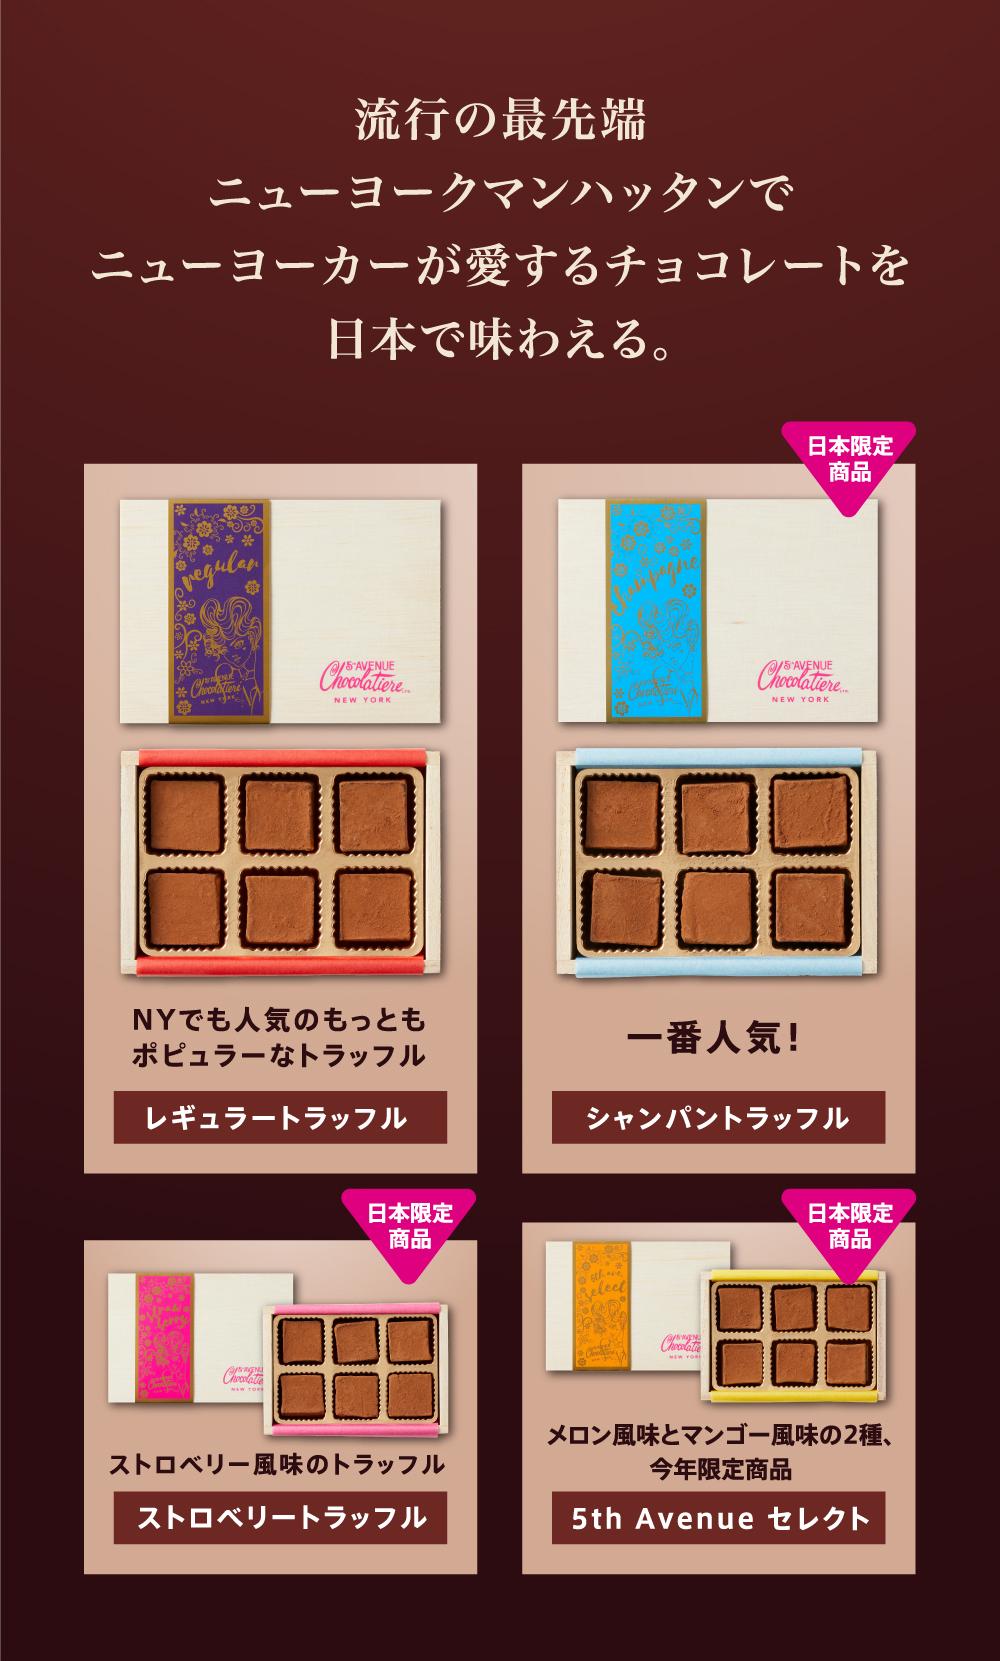 5th Avenue Chocolatiere 流行の最先端ニューヨークマンハッタンでニューヨーカーが愛するチョコレートを日本で味わえる。